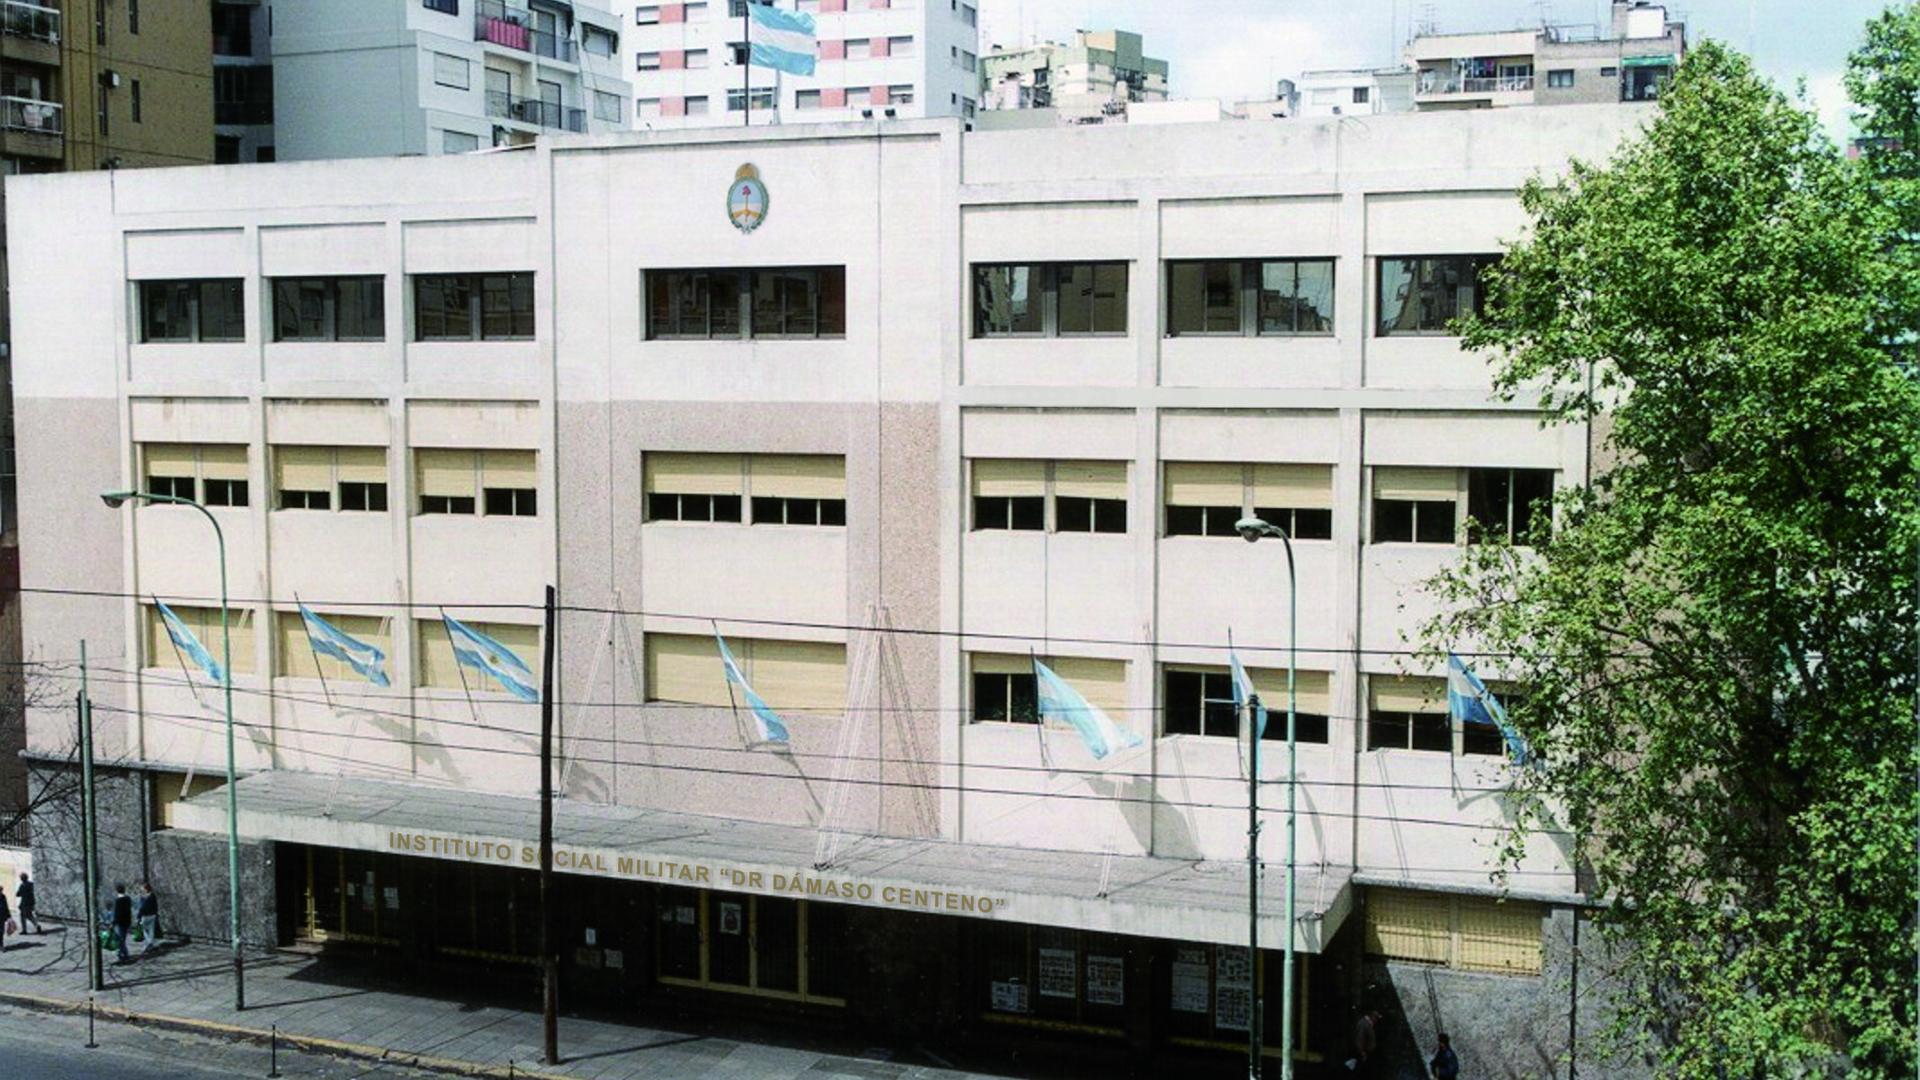 El colegio Dámaso Centeno está al borde de una crisis institucional.